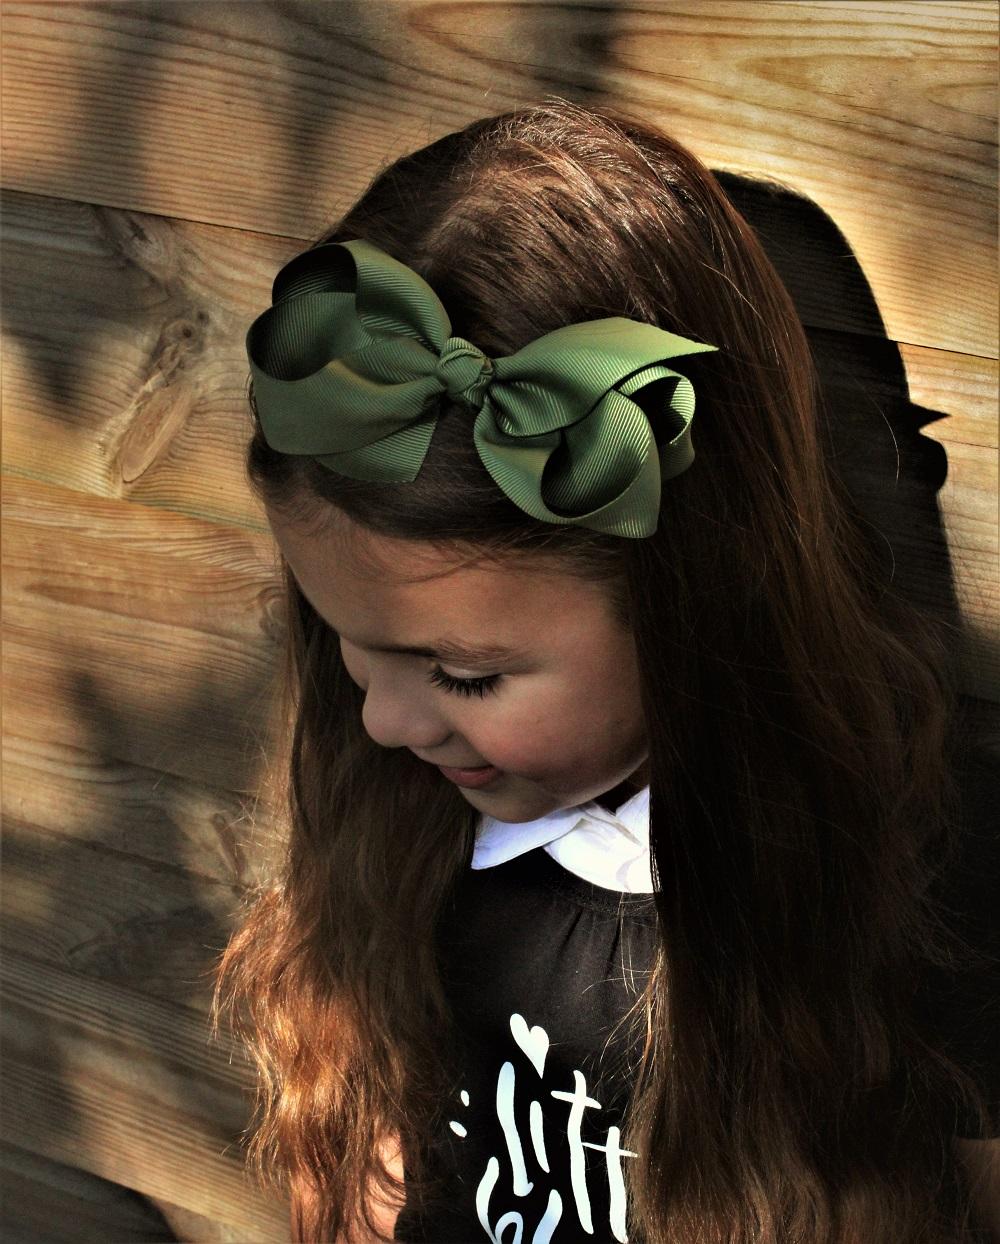 staartjes en strikjes, meisjesknipjes, meisjes haaraccessoires, meisjes haarspeld, meisjes haarband, haarband met strik